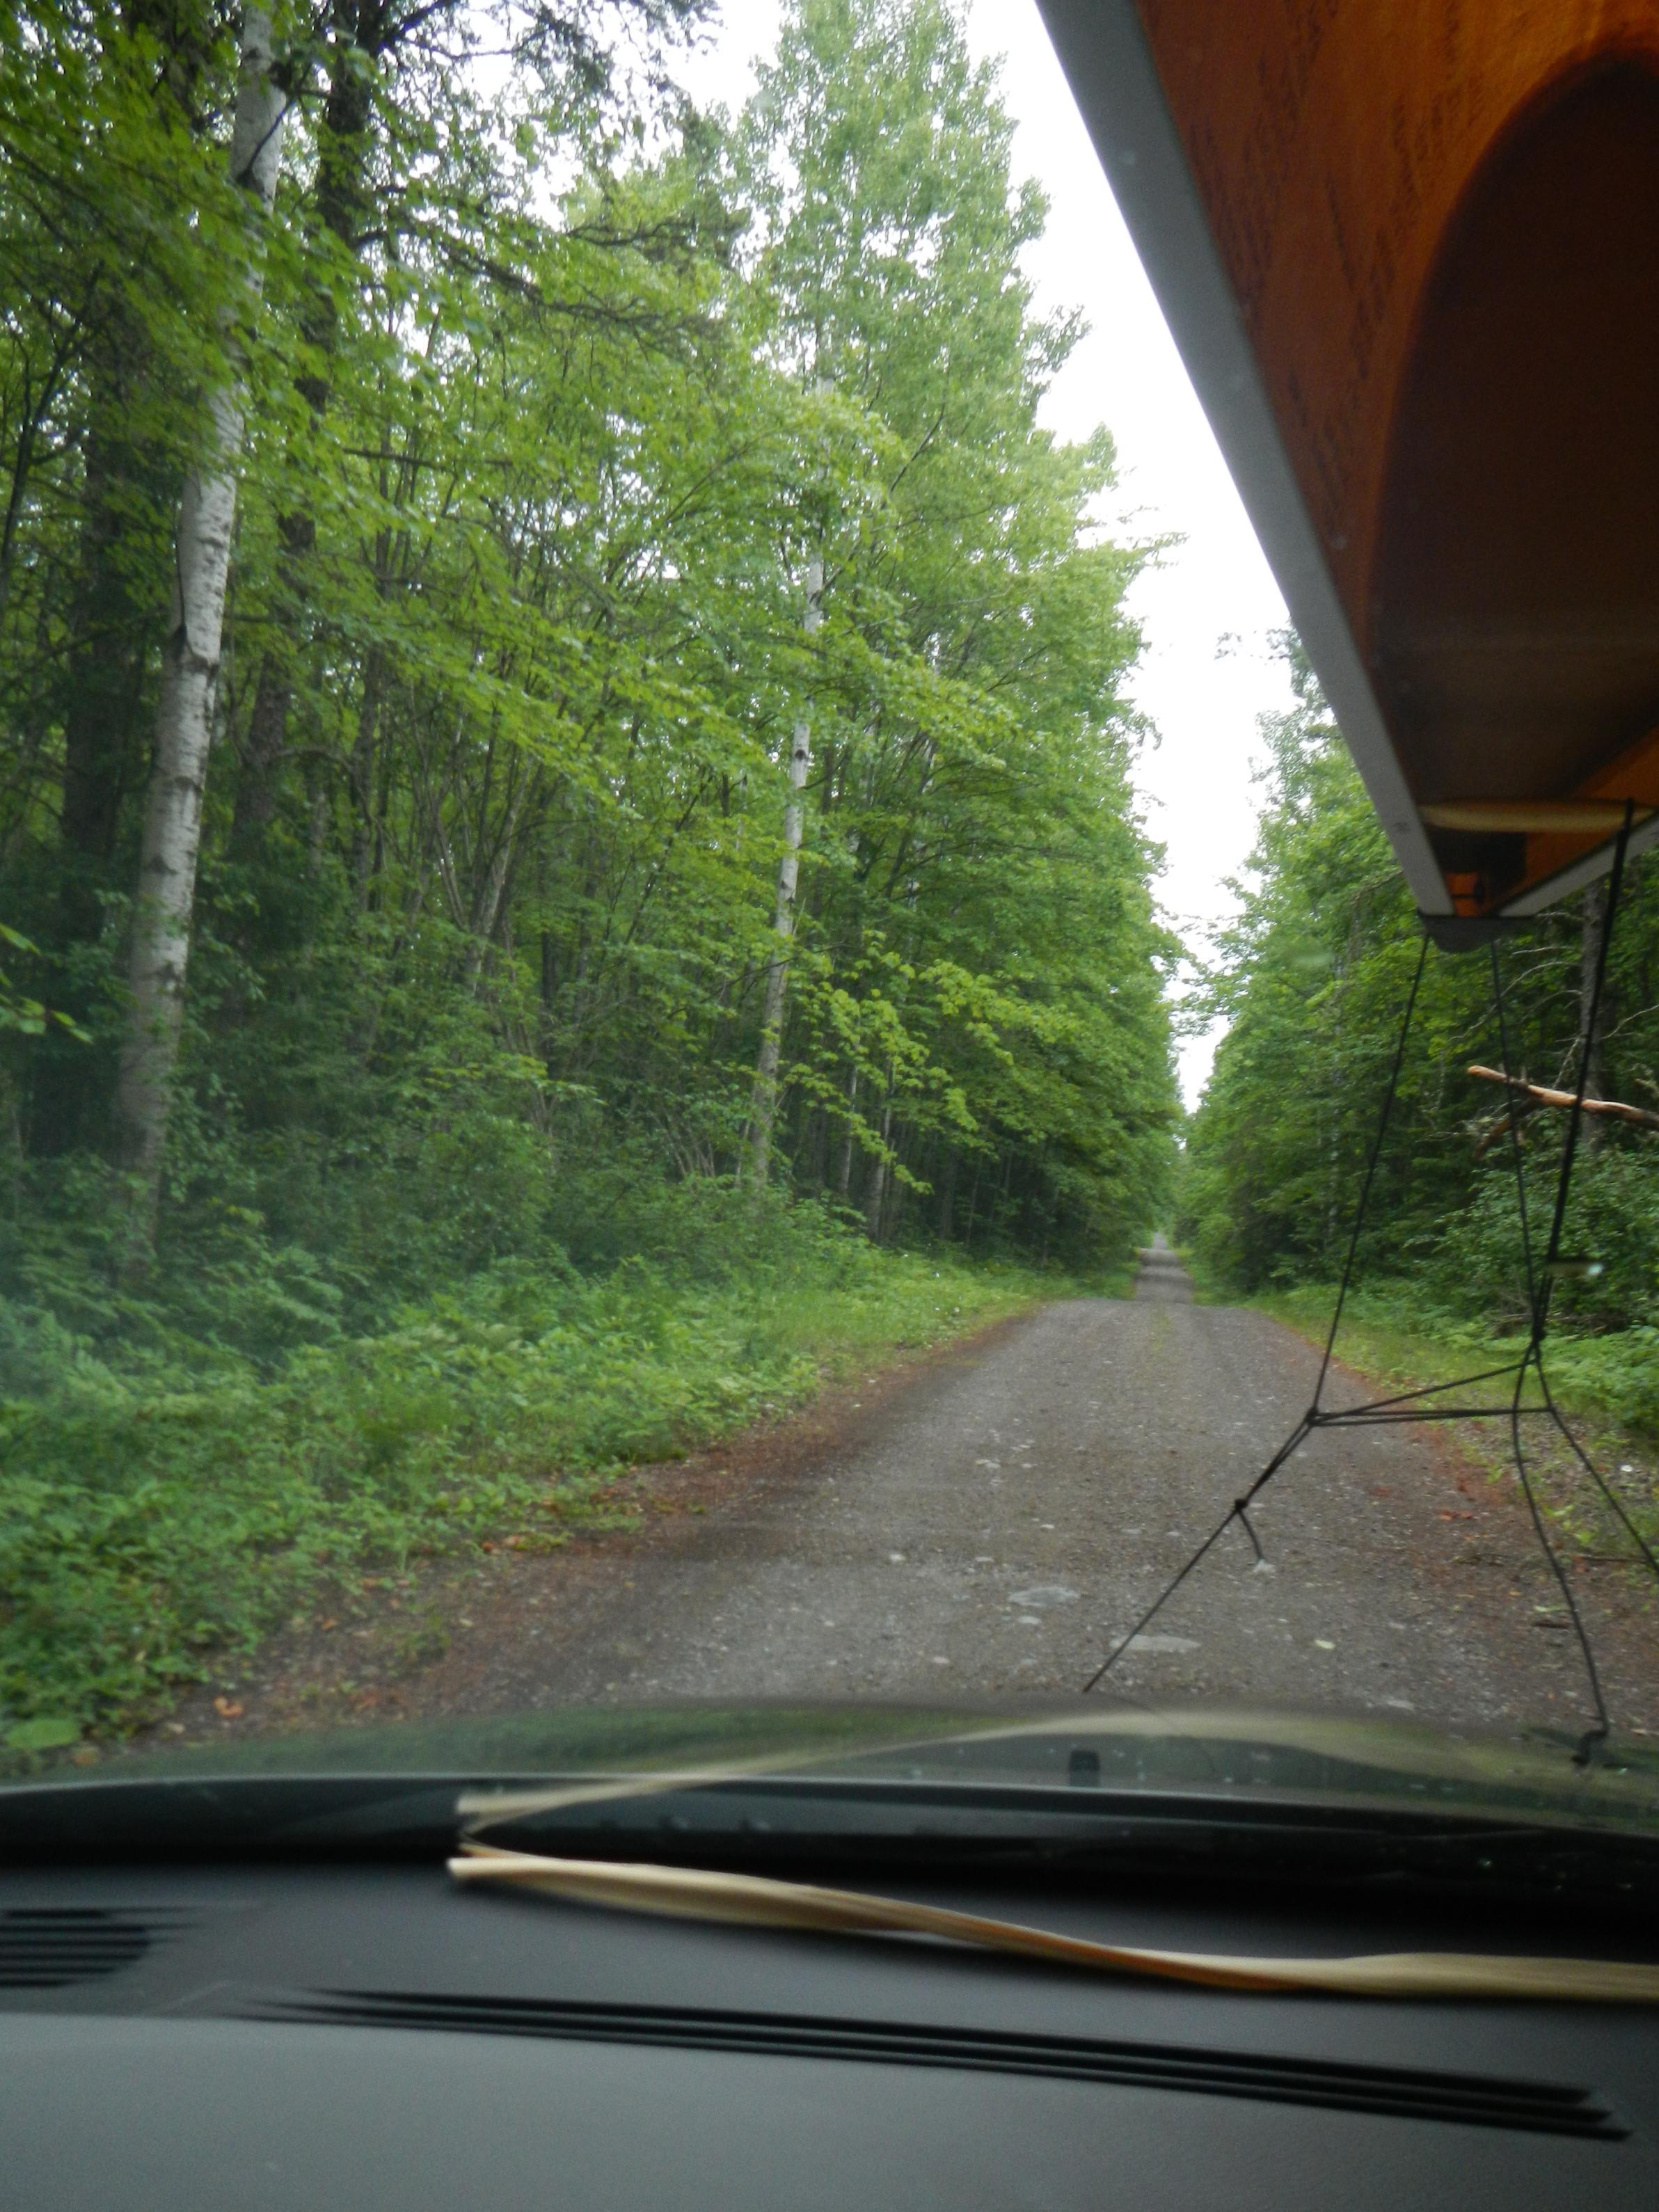 Spur road